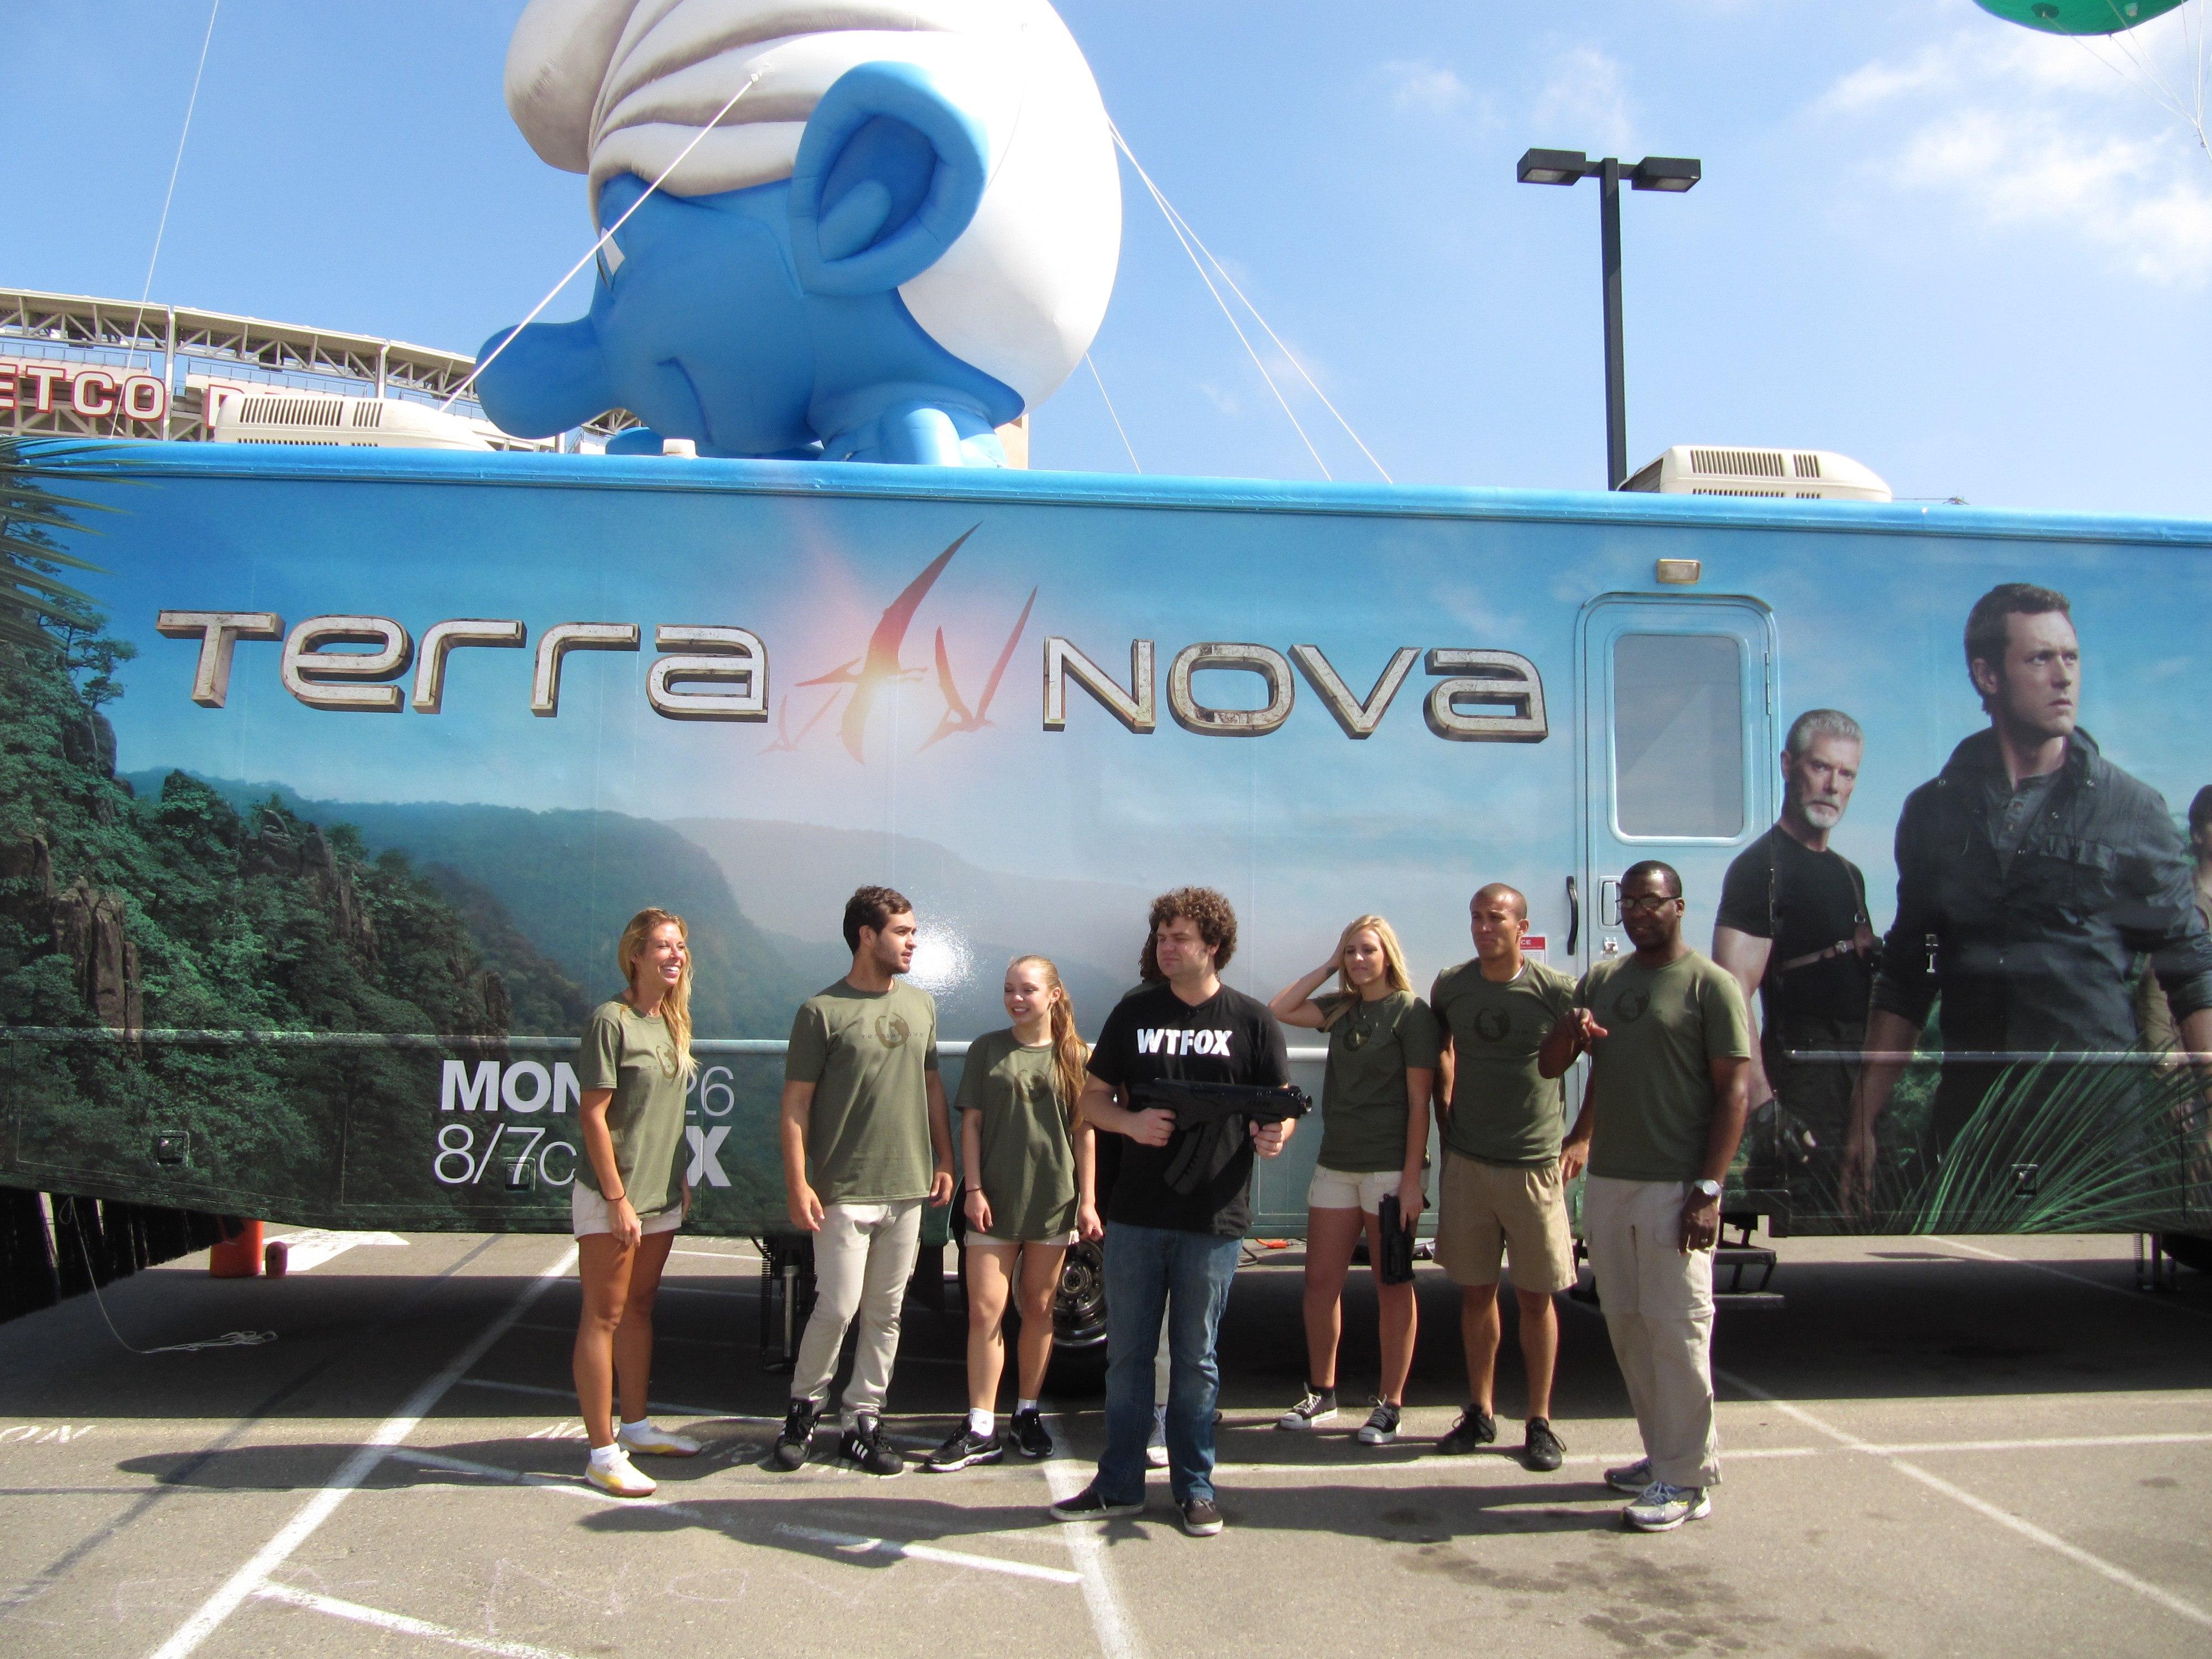 Terra Nova Experience at SD Comic Con 2011